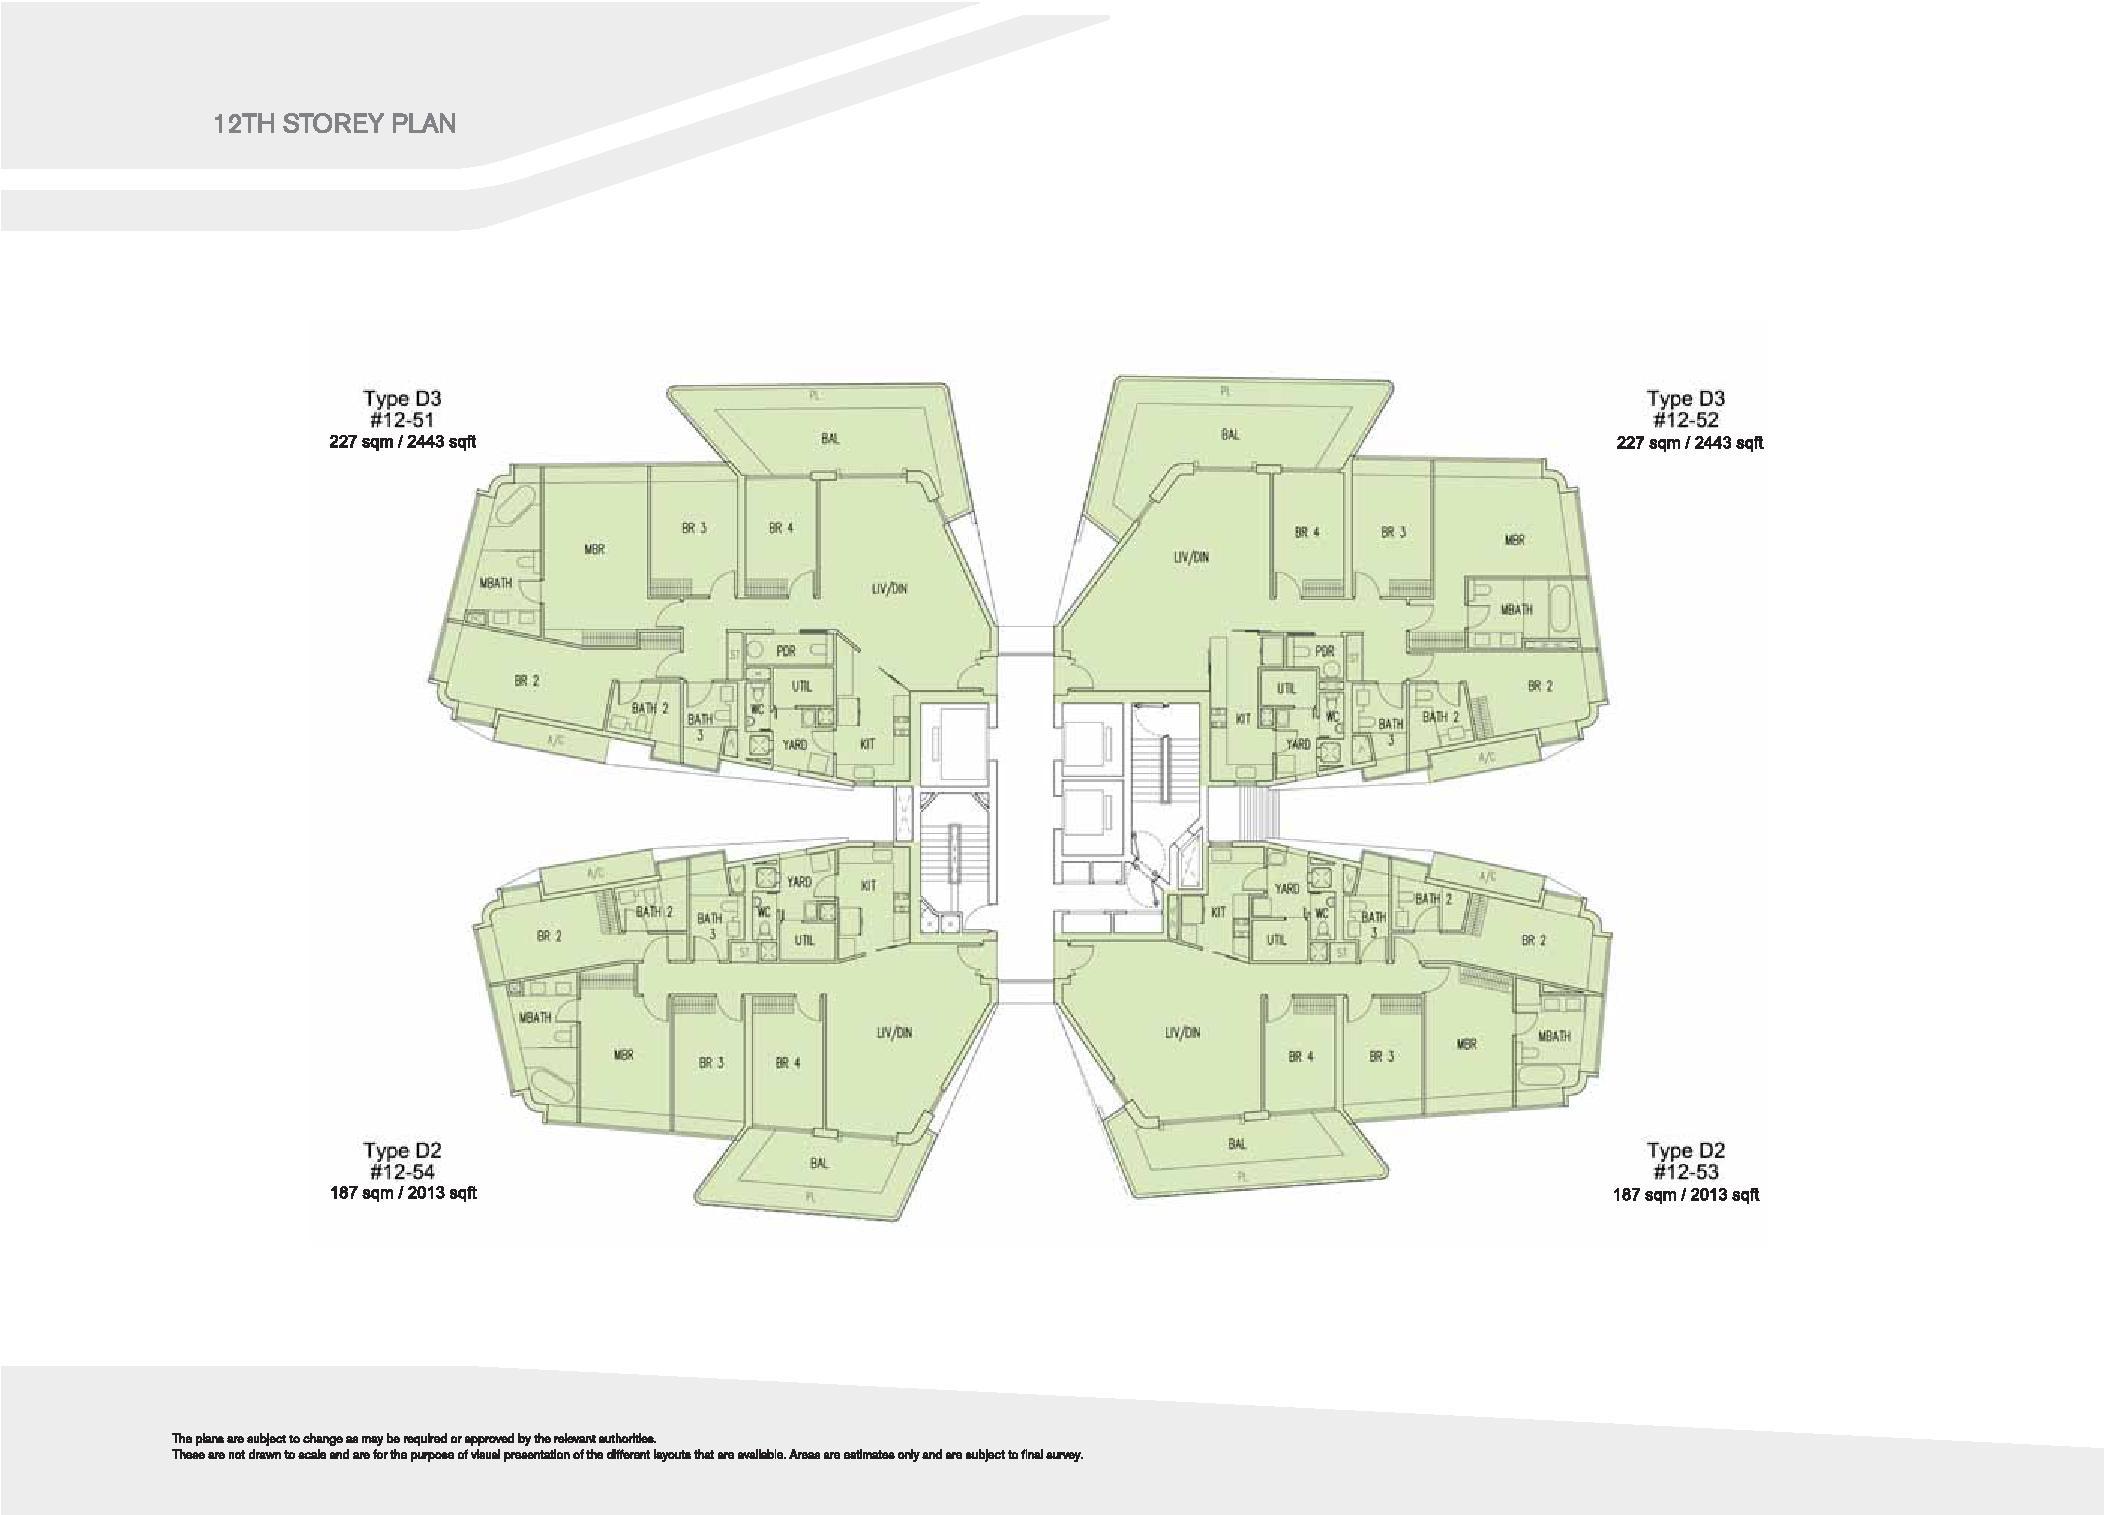 D'Leedon Block 15 12th Storey Floor Plans